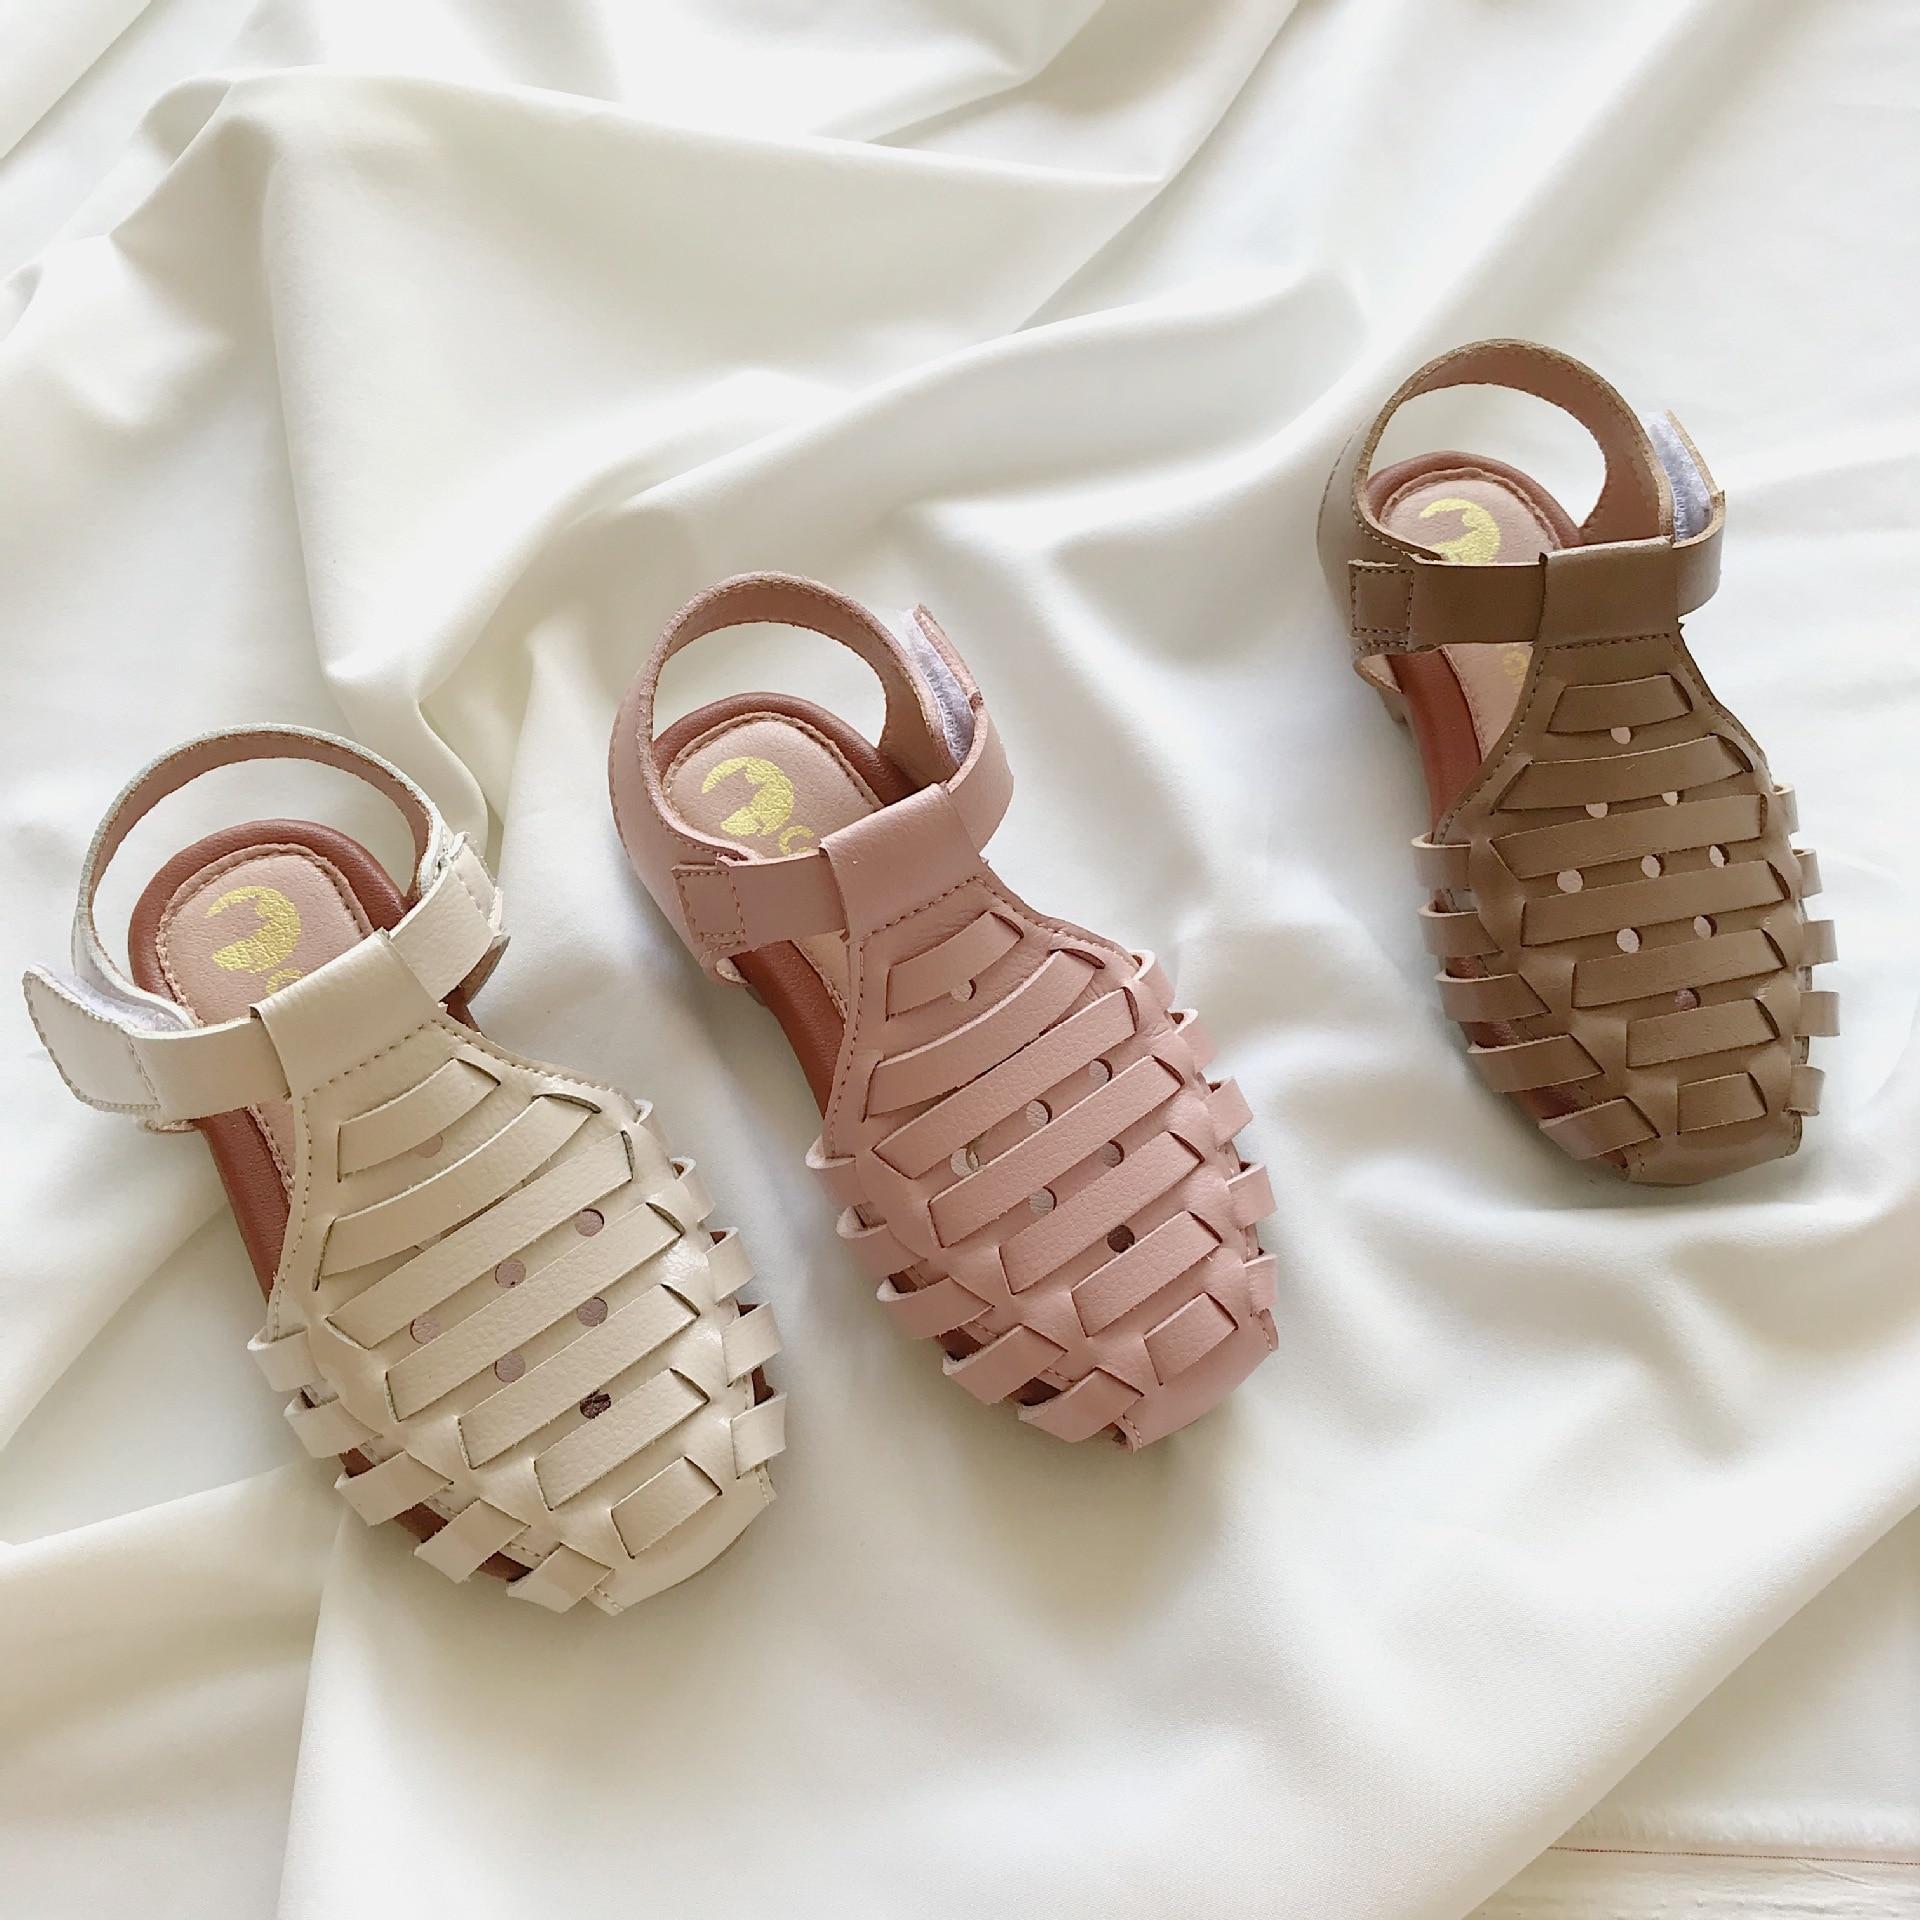 طفل الصيف الأميرة الصنادل الأطفال طفل أطفال بنات صنادل شاطئ القوس لطيف بنات الأميرة أحذية 1-8 سنوات أحذية رياضية للأطفال